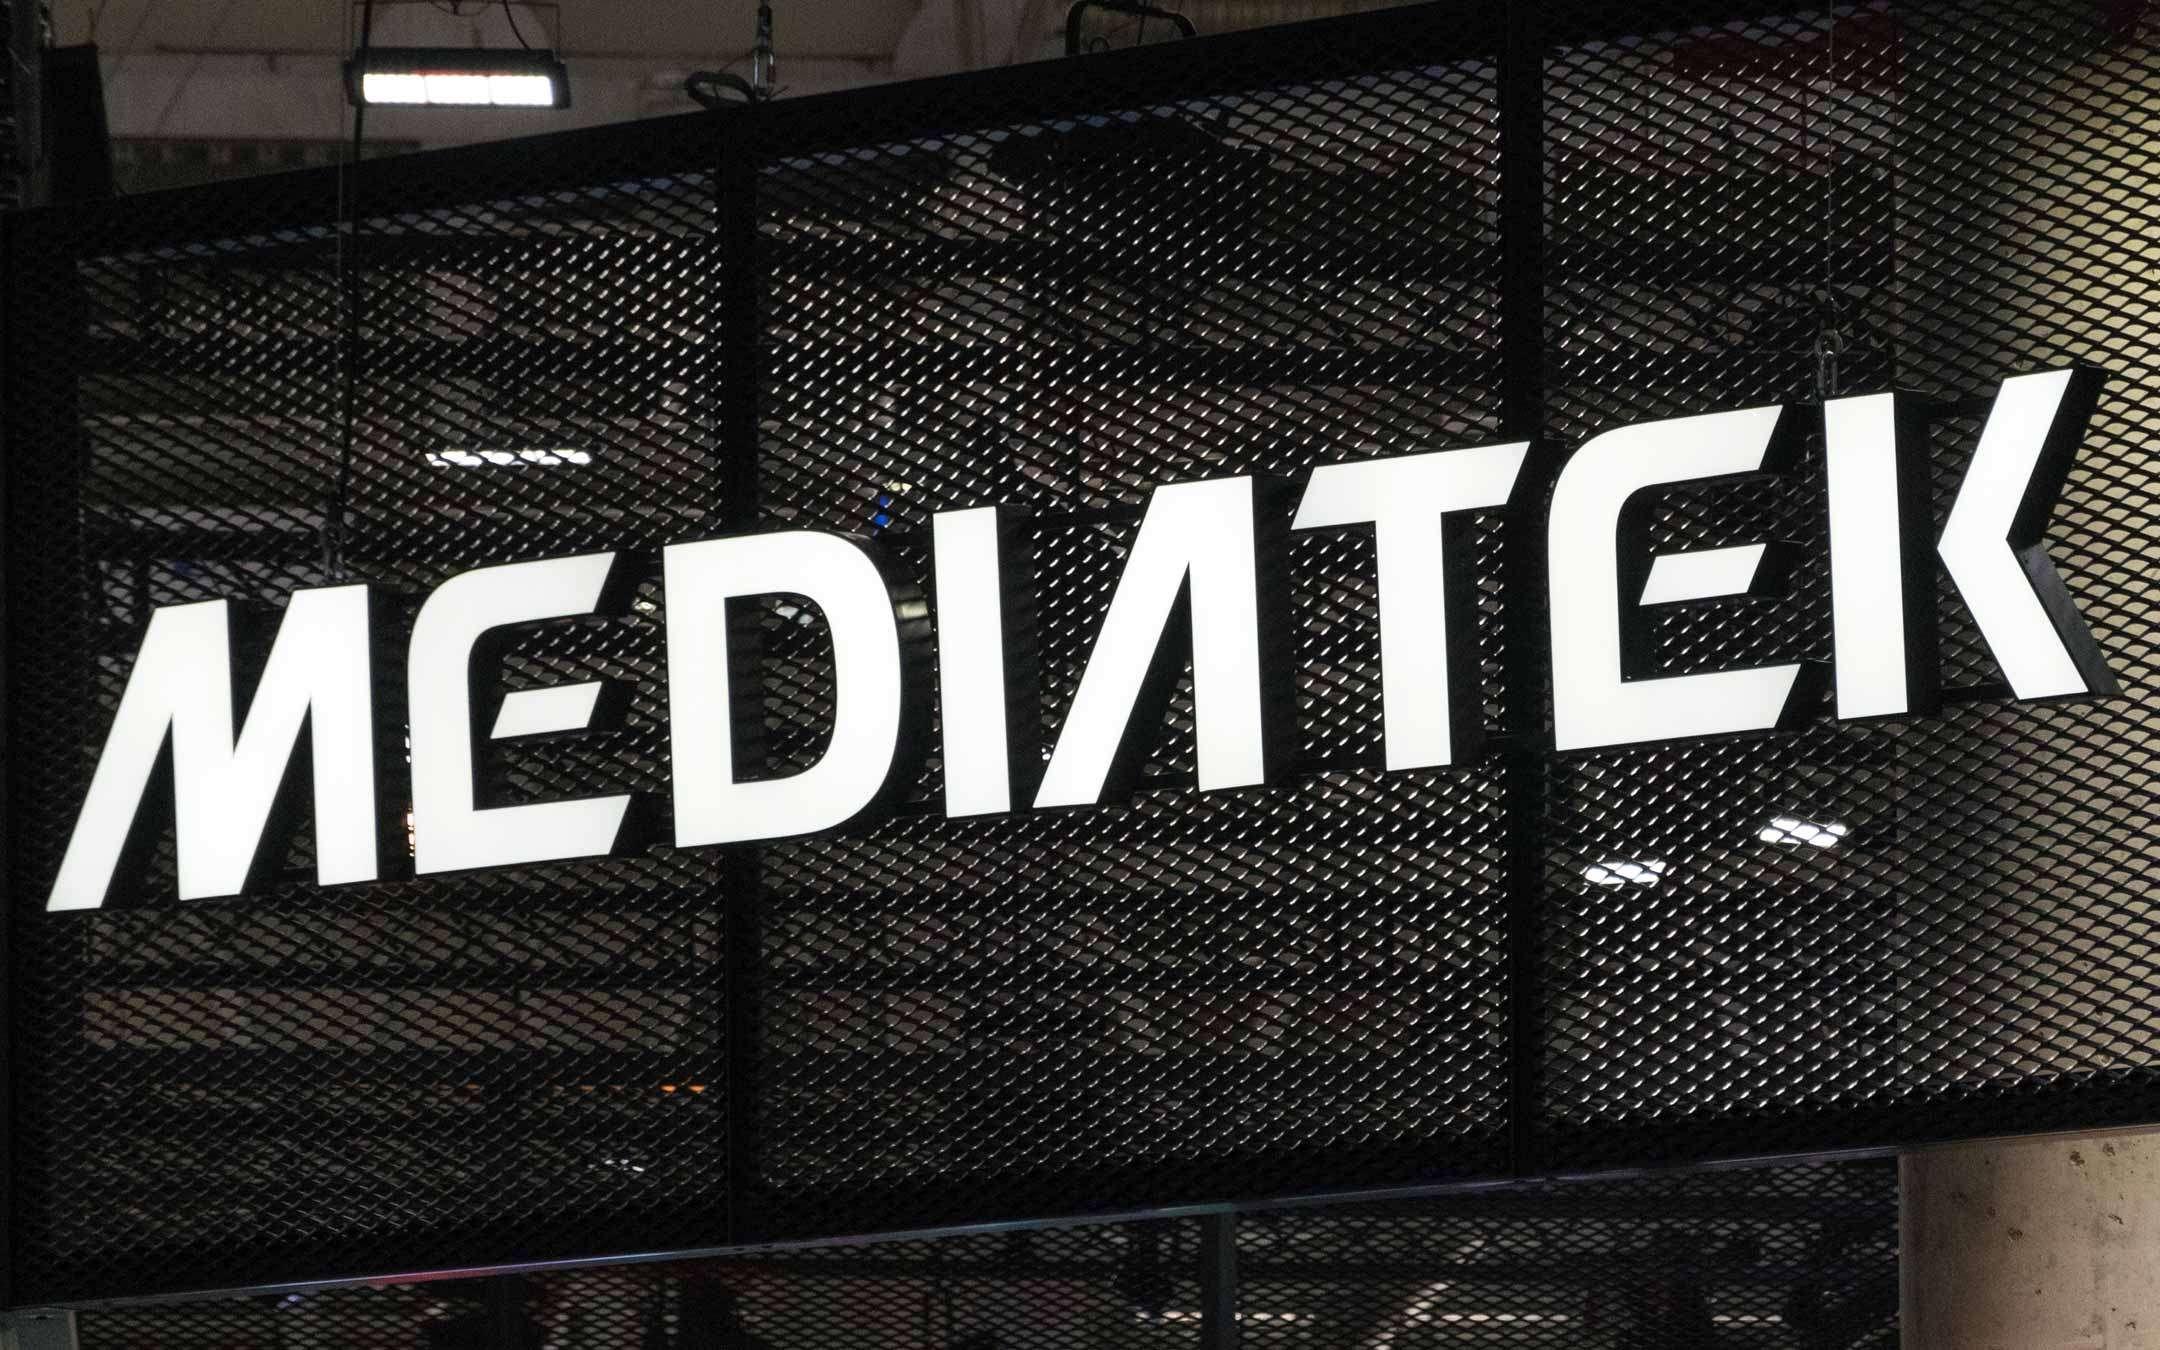 MediaTek e 5G: è arrivato il momento di Helio M70?